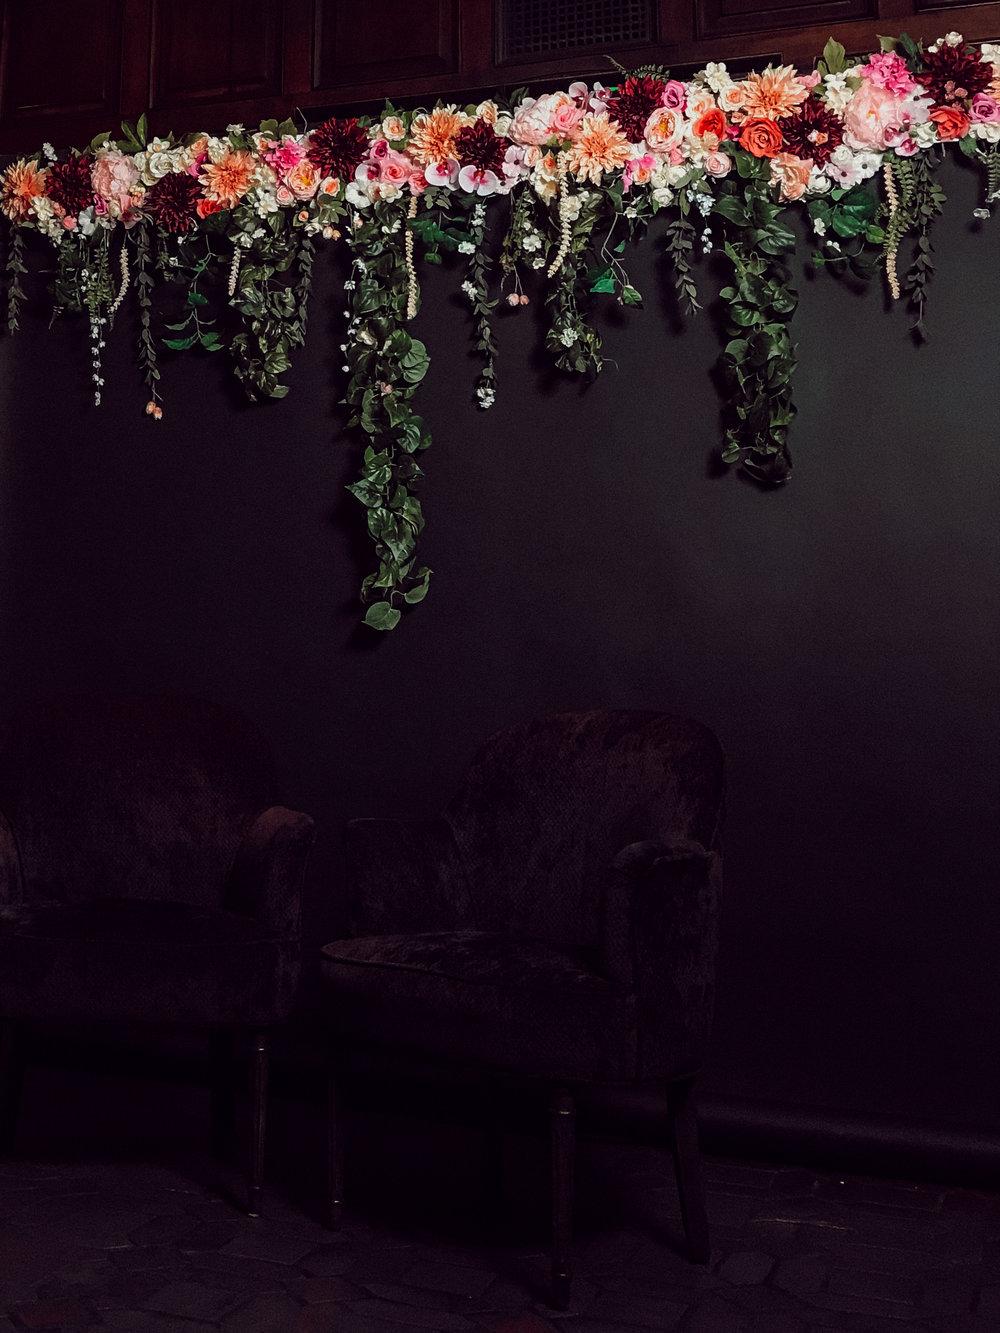 floral backdrop-2.jpg